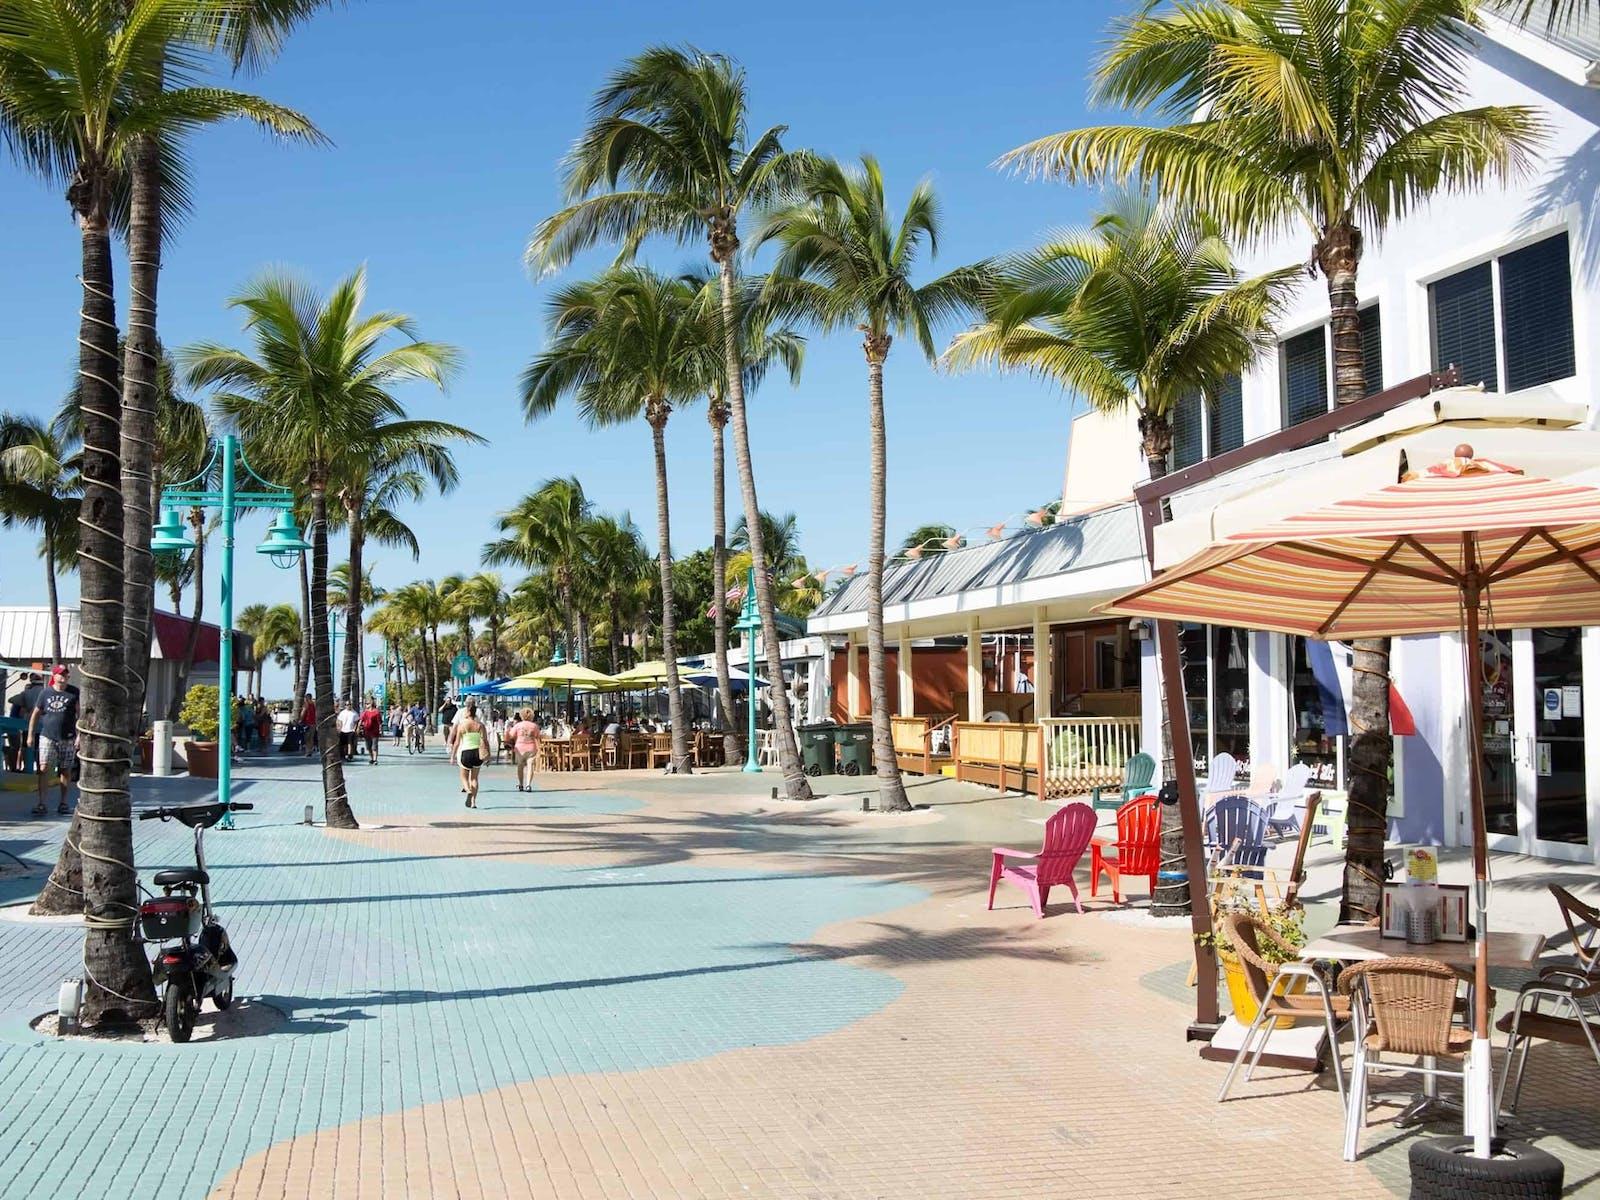 Boardwalk in Fort Myers, FL